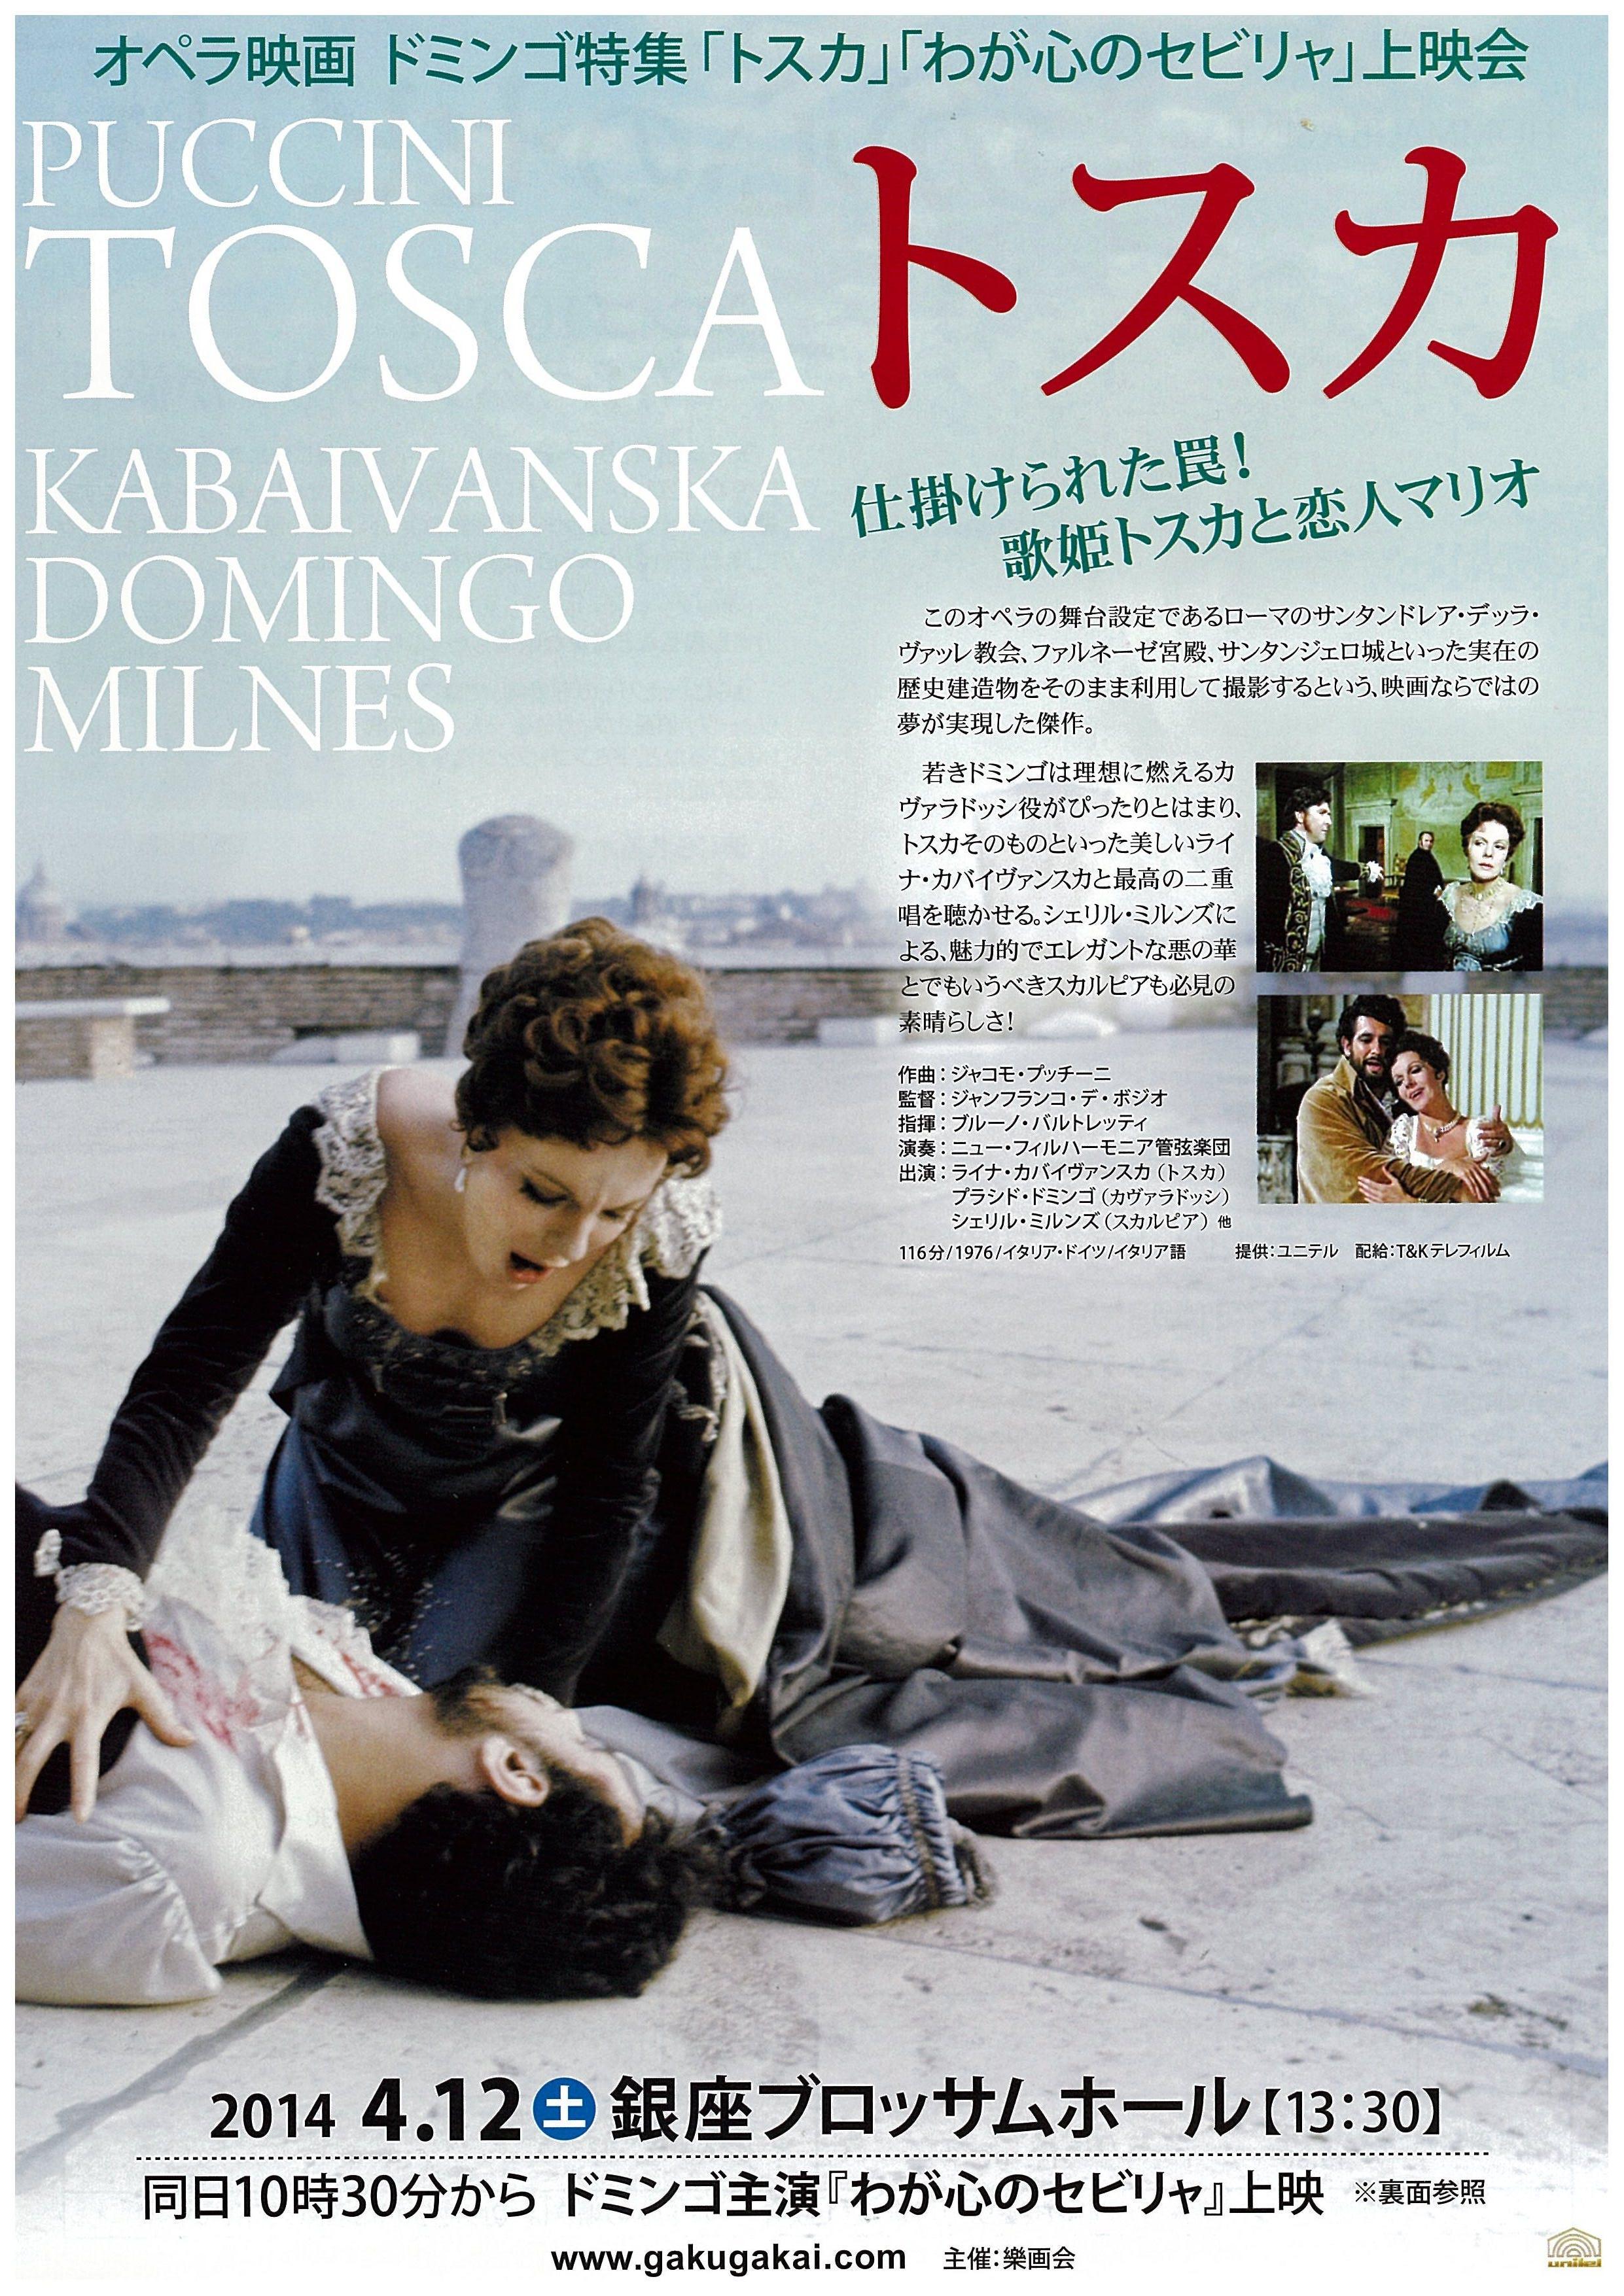 オペラ映画ドミンゴ特集「トスカ」「わが心のセビリャ」上映会